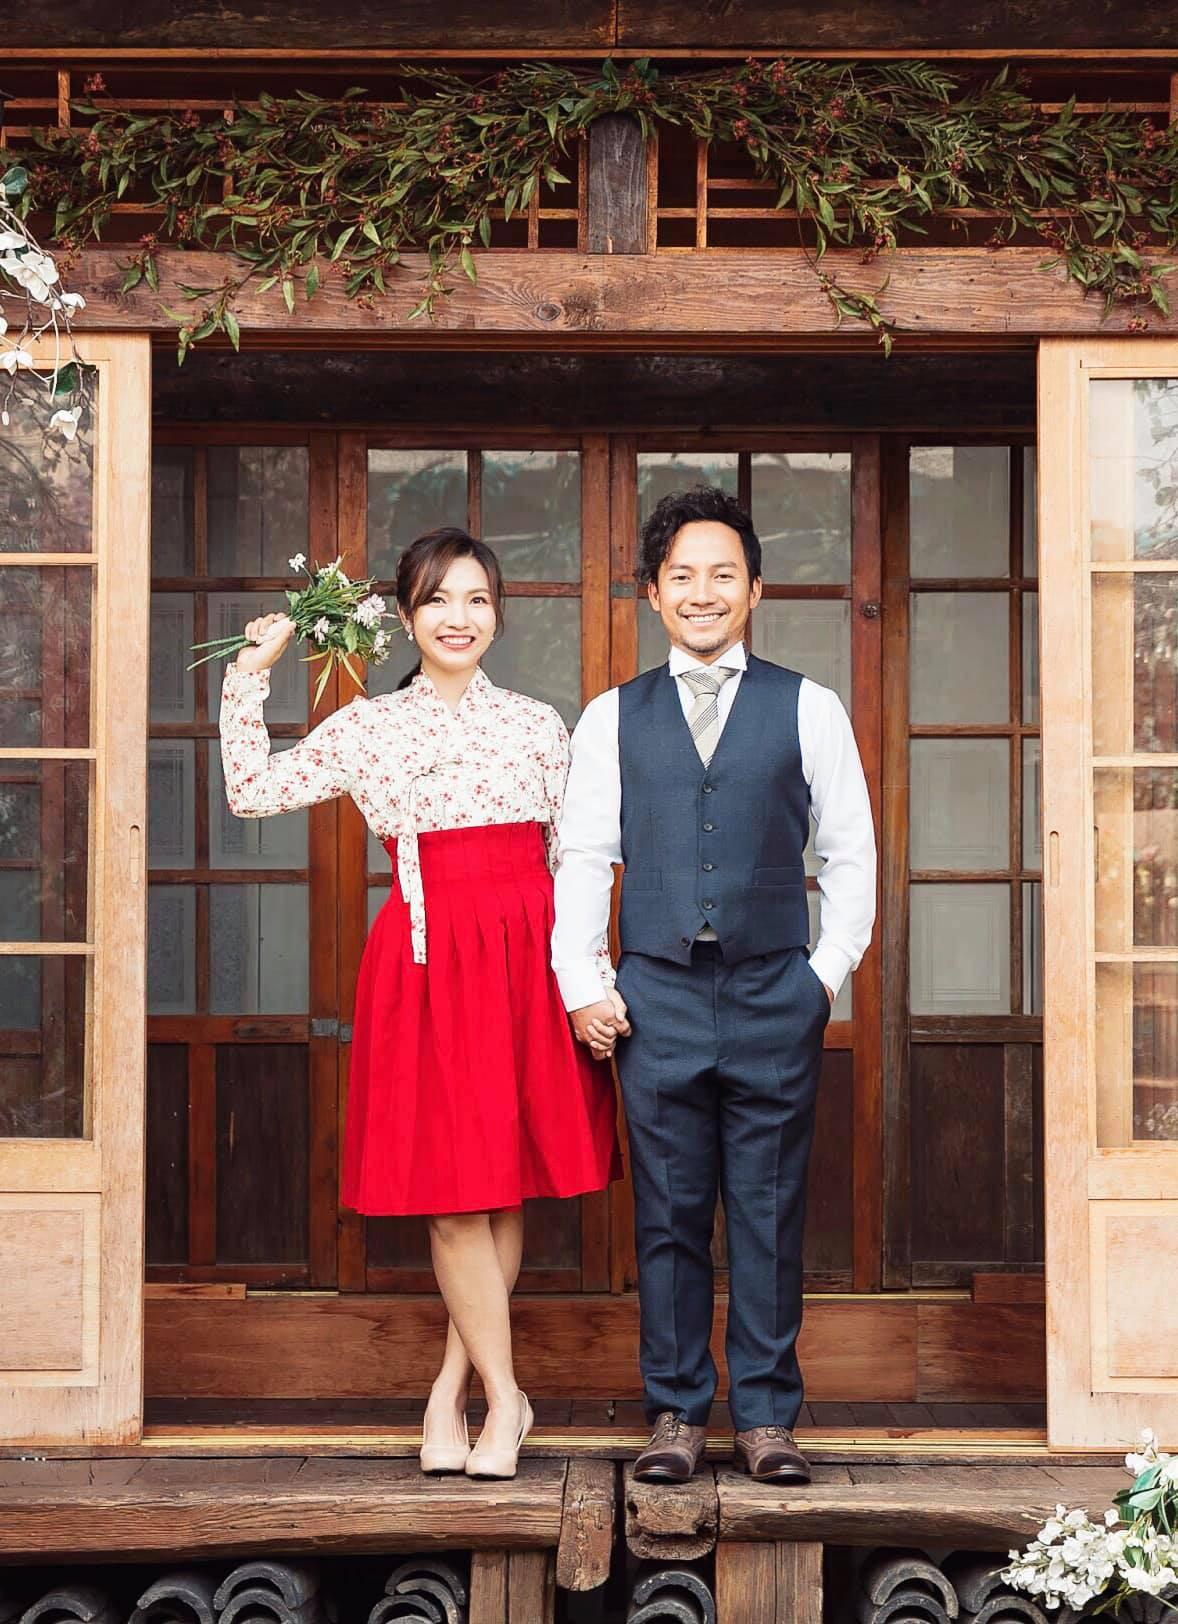 Bà xã Tiến Đạt xác nhận đã mang thai sau 5 tháng kết hôn - Ảnh 1